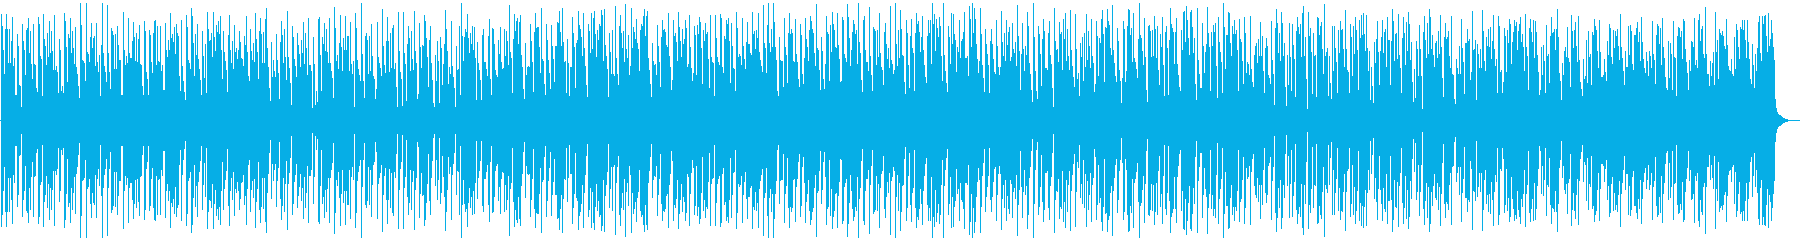 バラエティ動画向け軽快なフュージョンの再生済みの波形